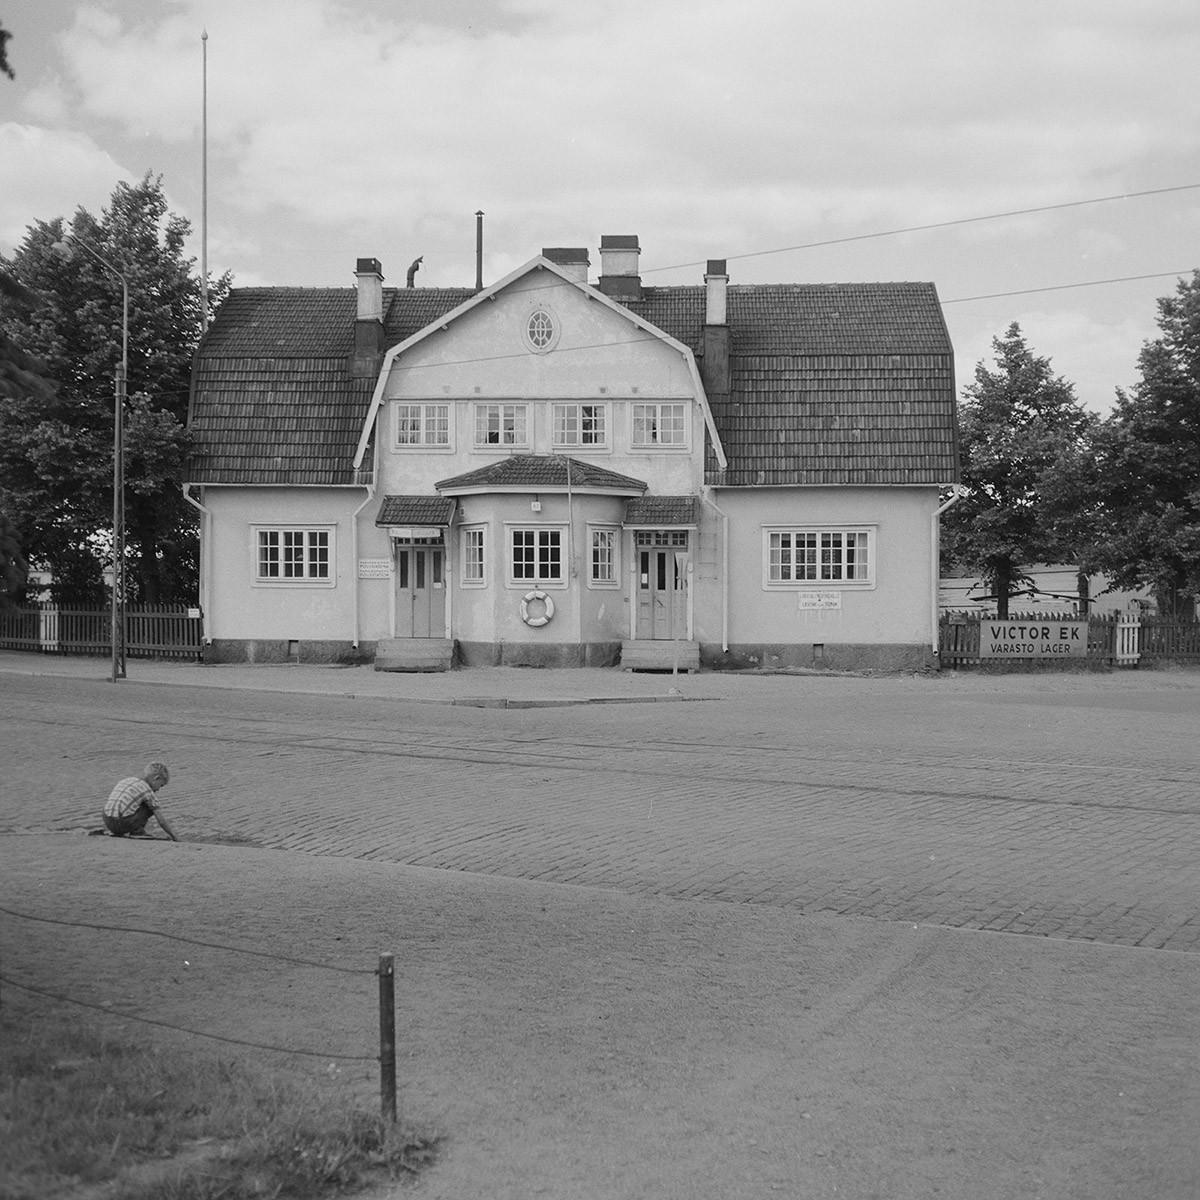 """Mansardikattoinen talo kuvattu suoraan edestä. Oikealla portinpielessä kyltti """"Victor Ek"""". Etualalla istuu kyykkyasennossa lapsi selkä kameraa päin."""